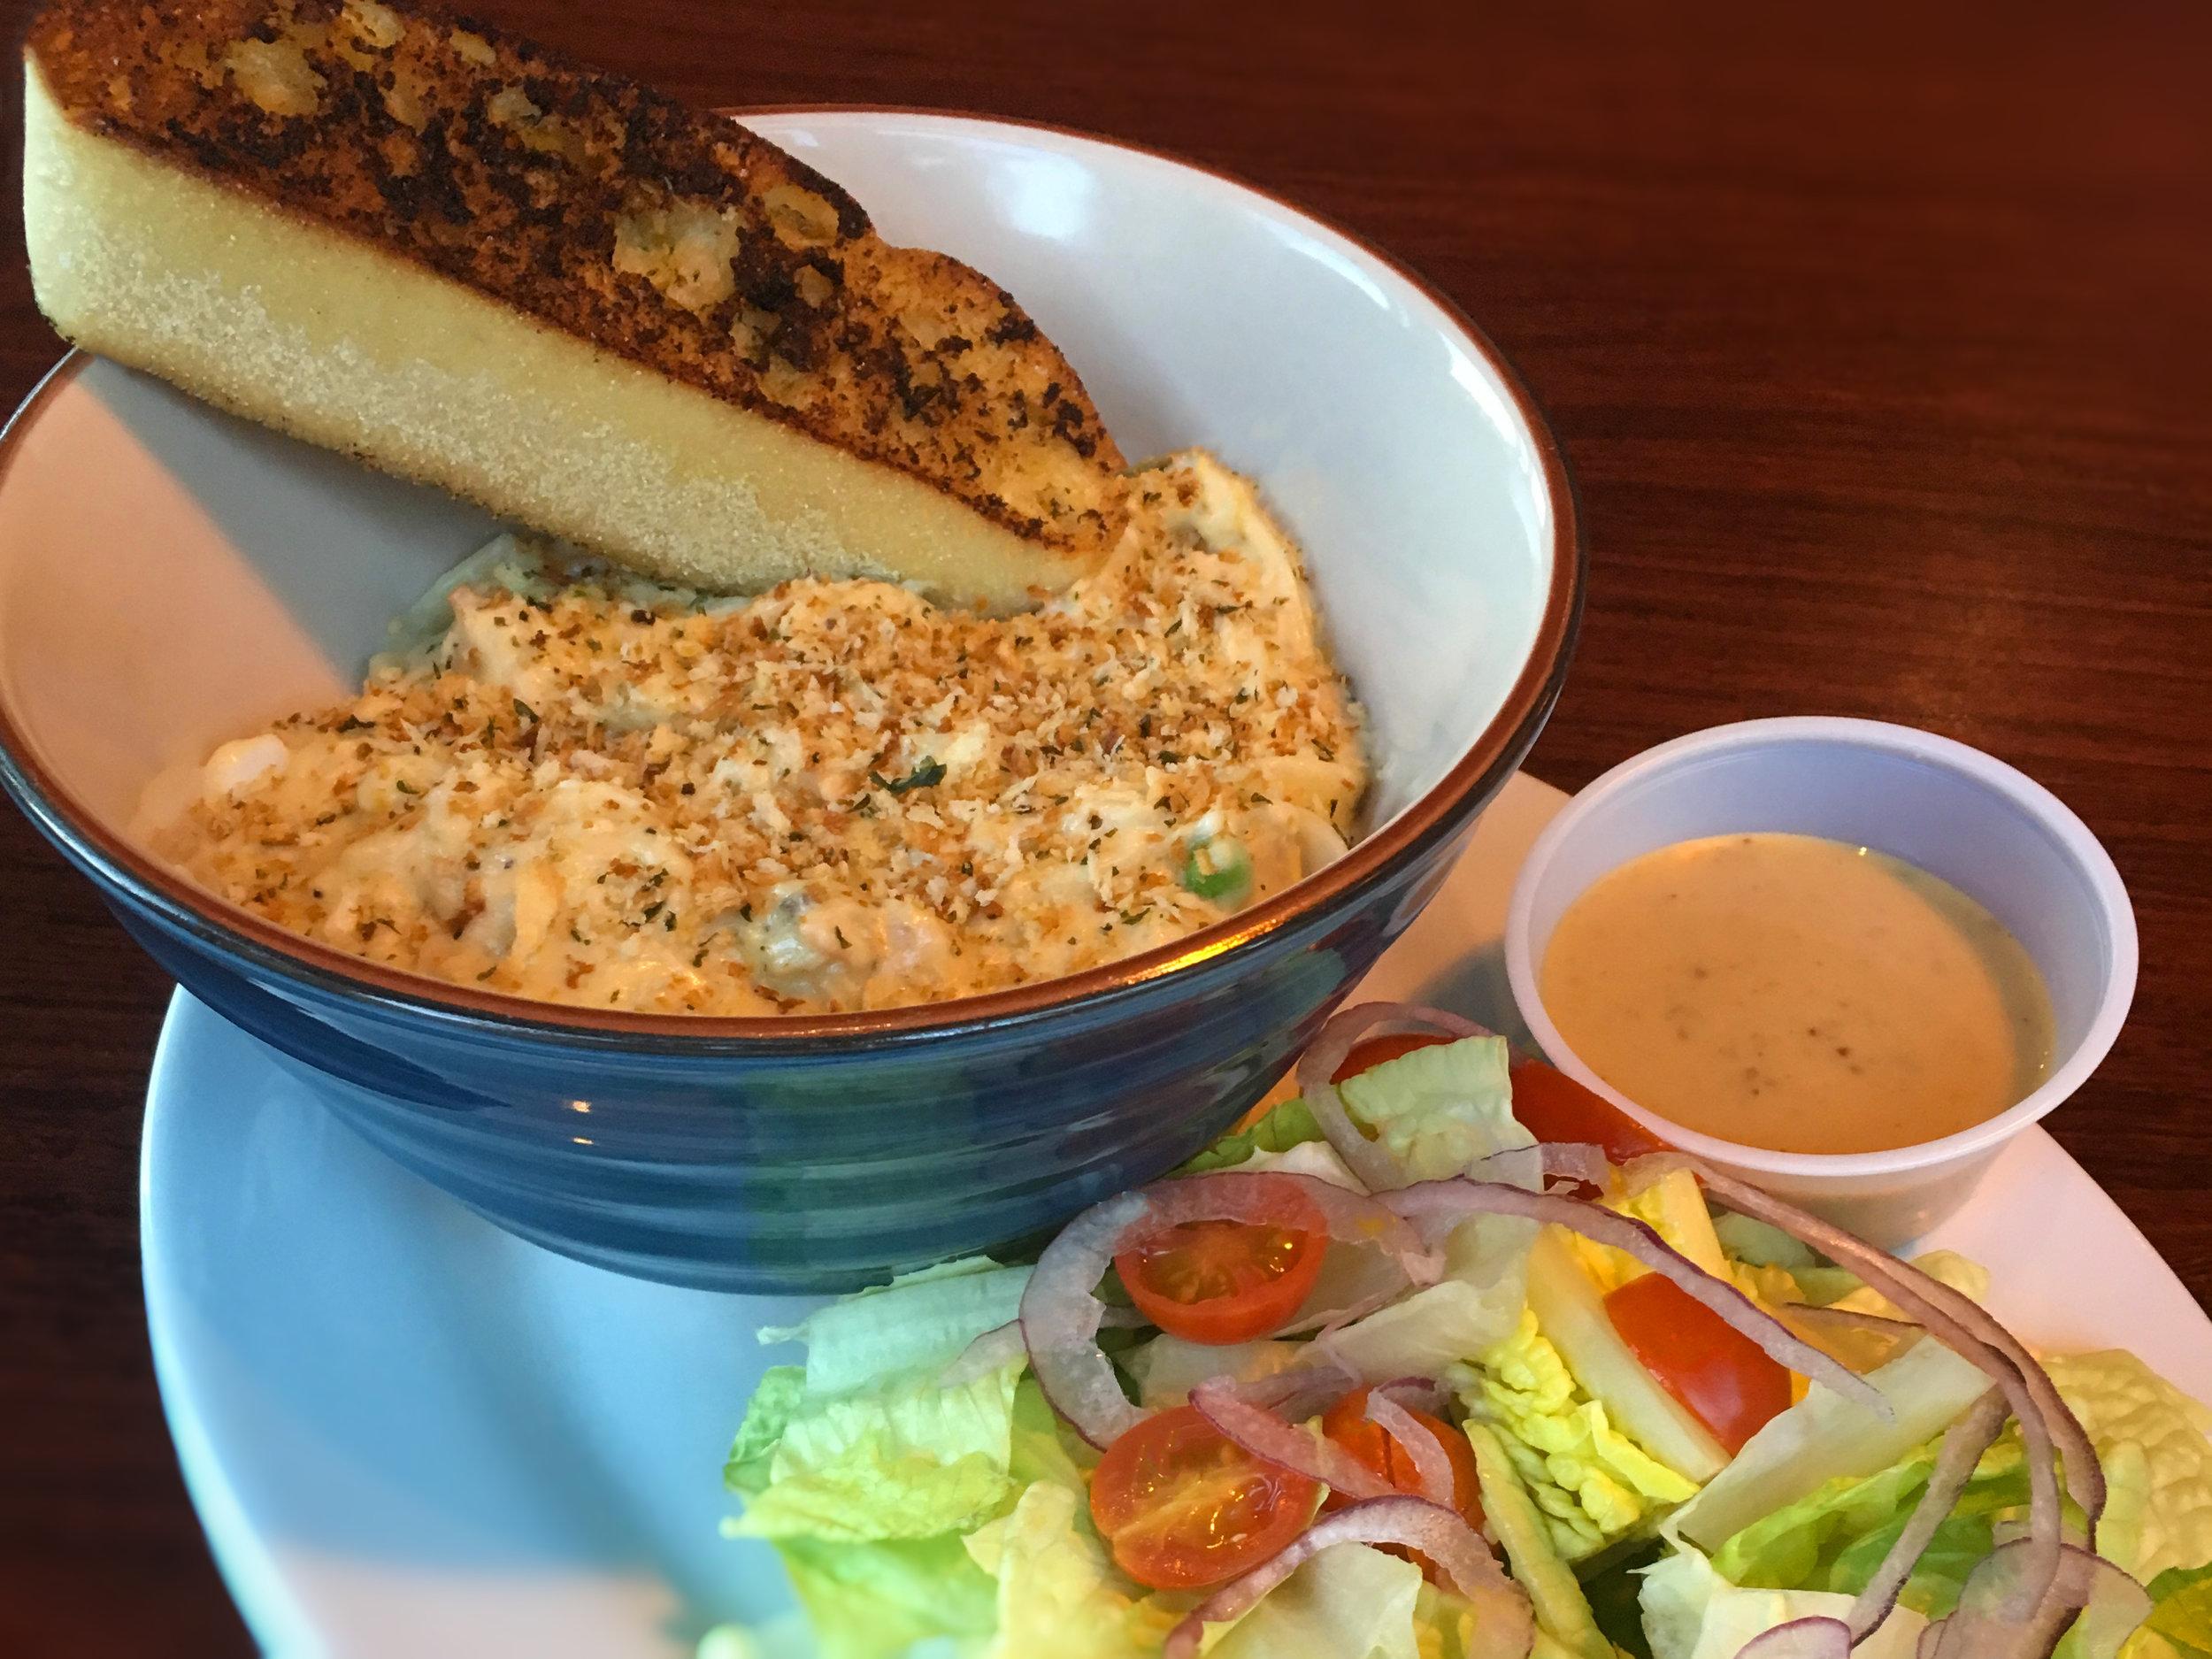 Cream Tuna with Noodles, Salad and Garlic Bread